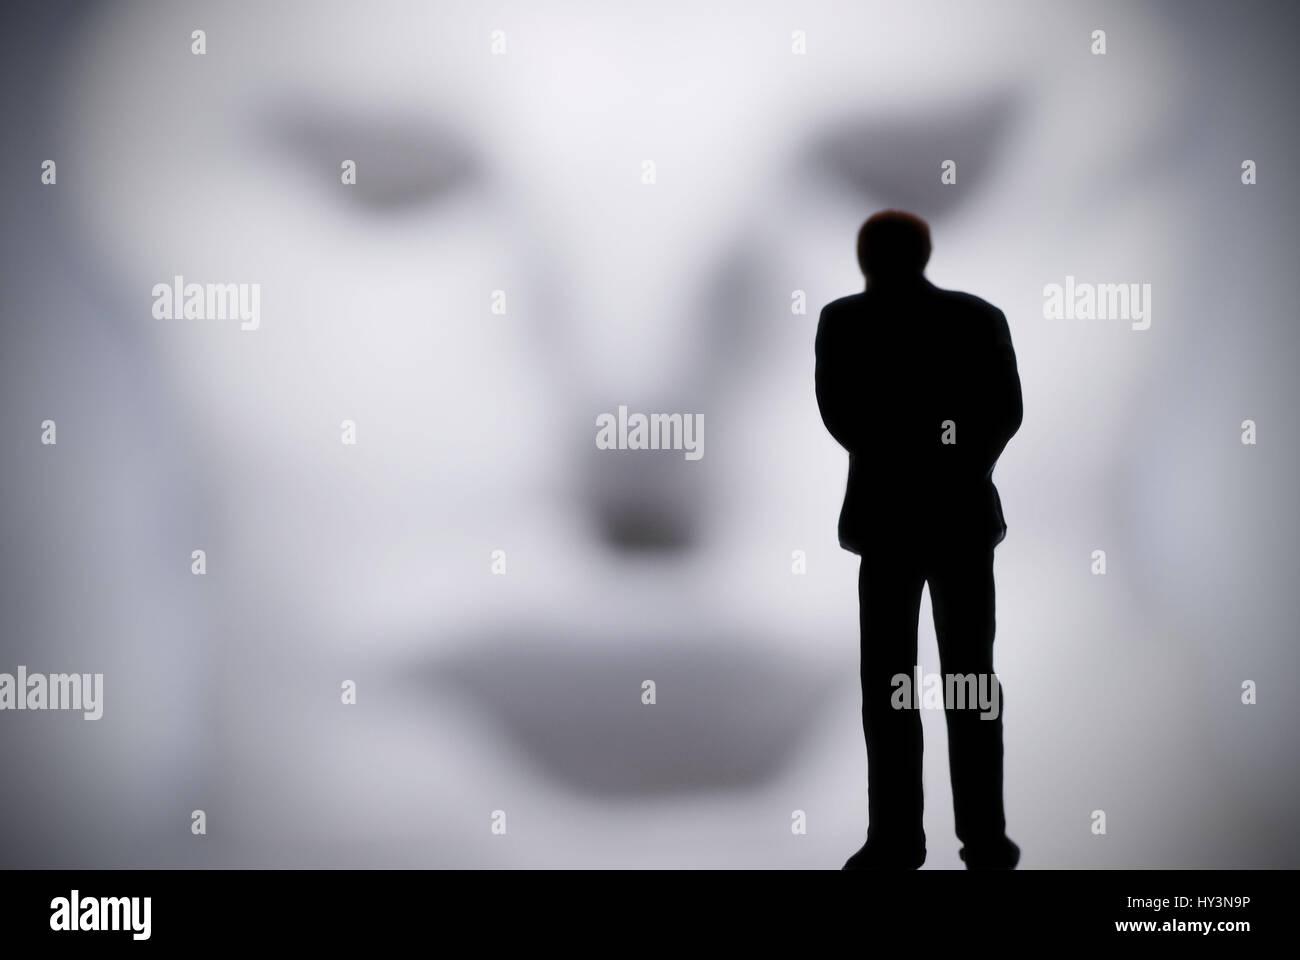 Lonesome man before a distorted face, depression, Einsamer Mann vor einem verzerrten Gesicht, Depression - Stock Image